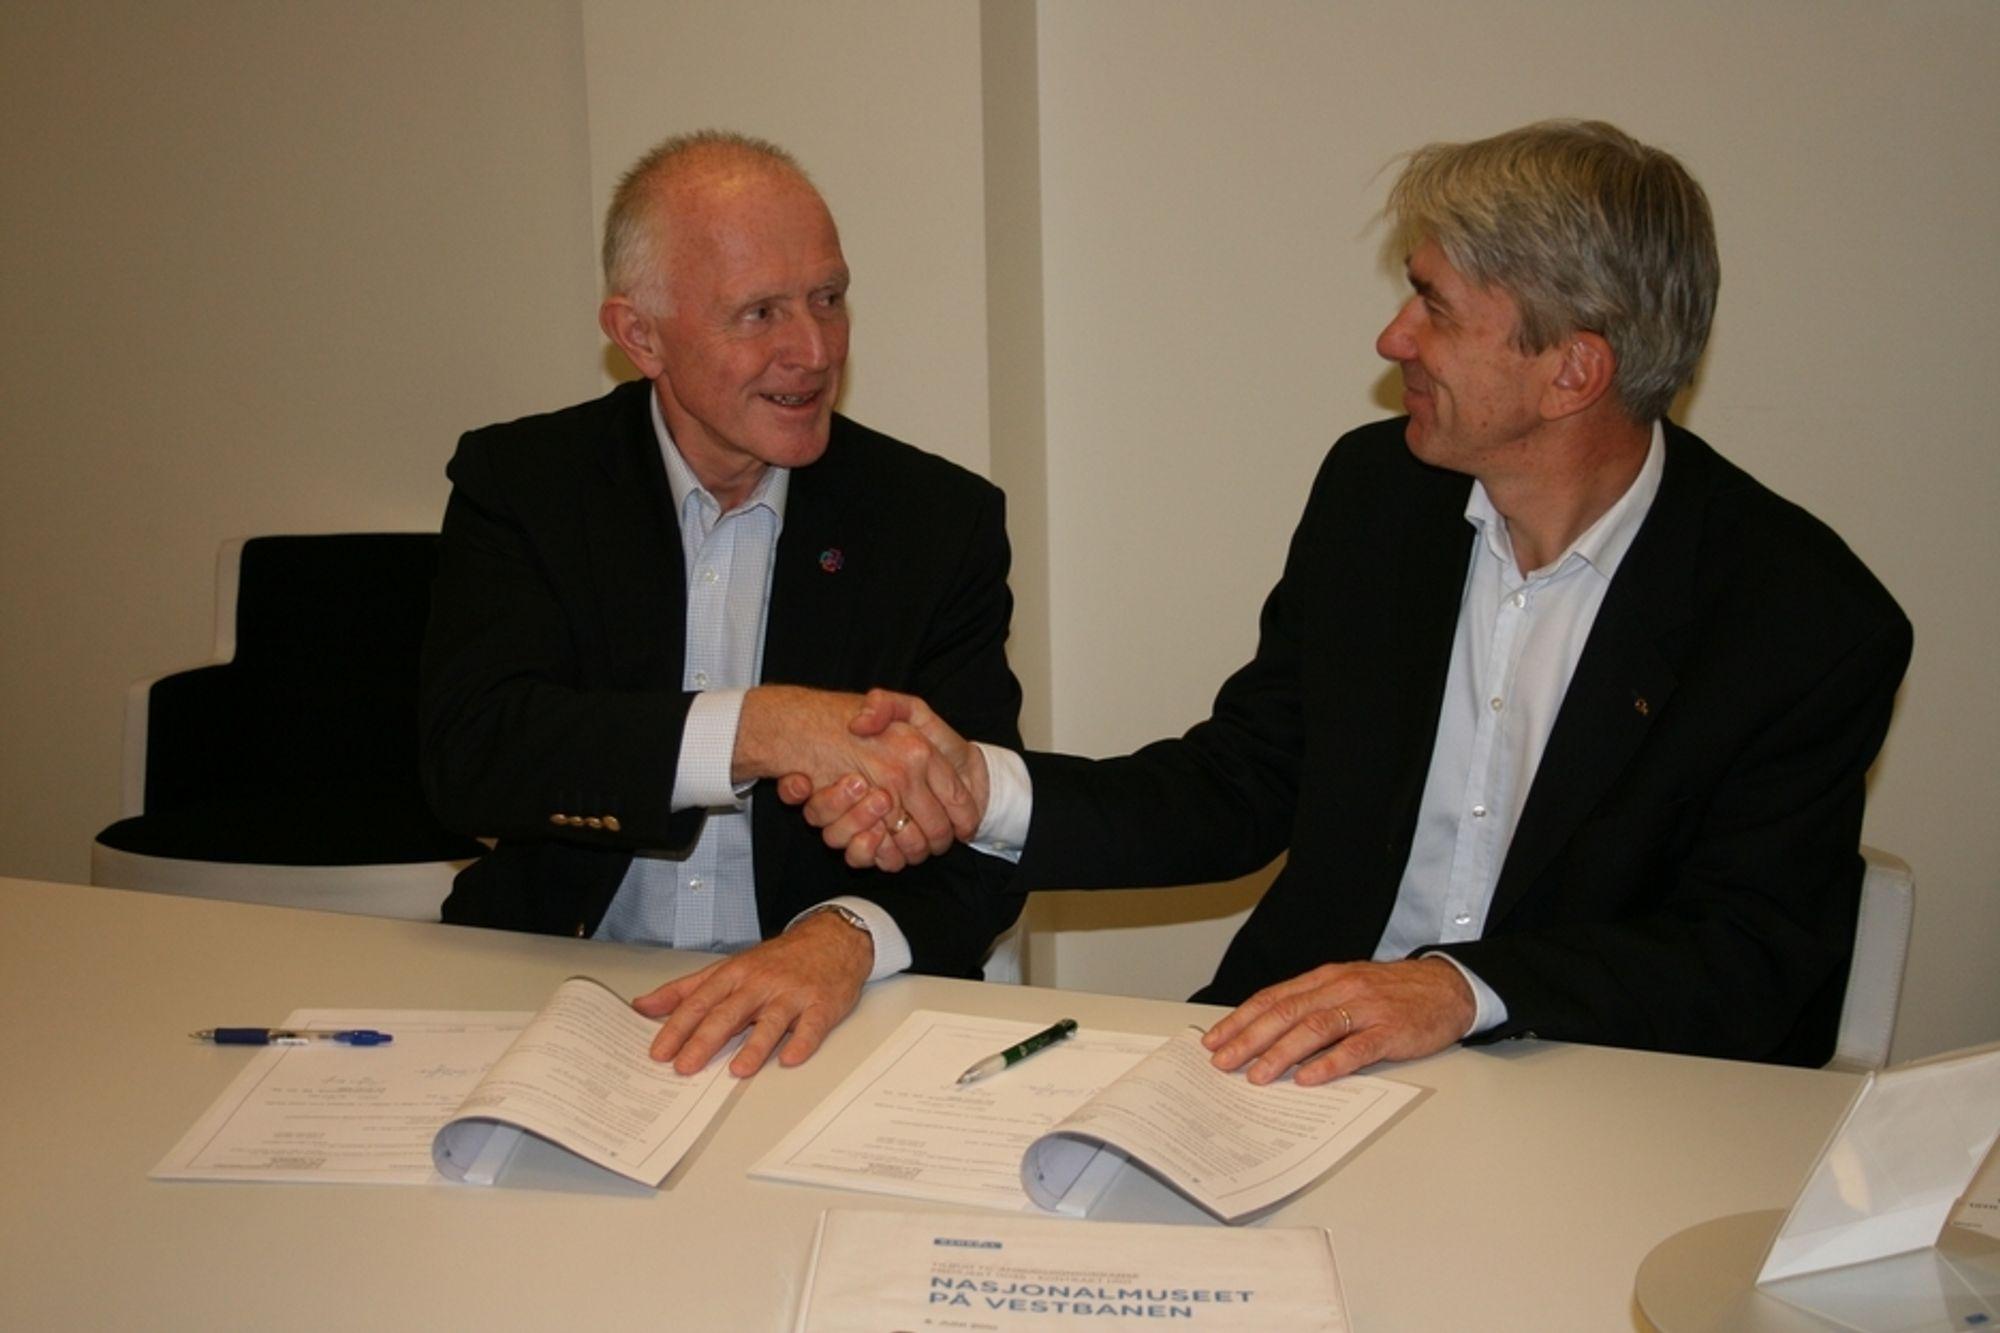 Administrerende direktør i Statsbygg, Øivind Christoffersen (til venstre) og regionsdirektør Morten Engh i Rambøll gratulerer hverandre etter at kontrakten er signert  fredag 15. oktober.